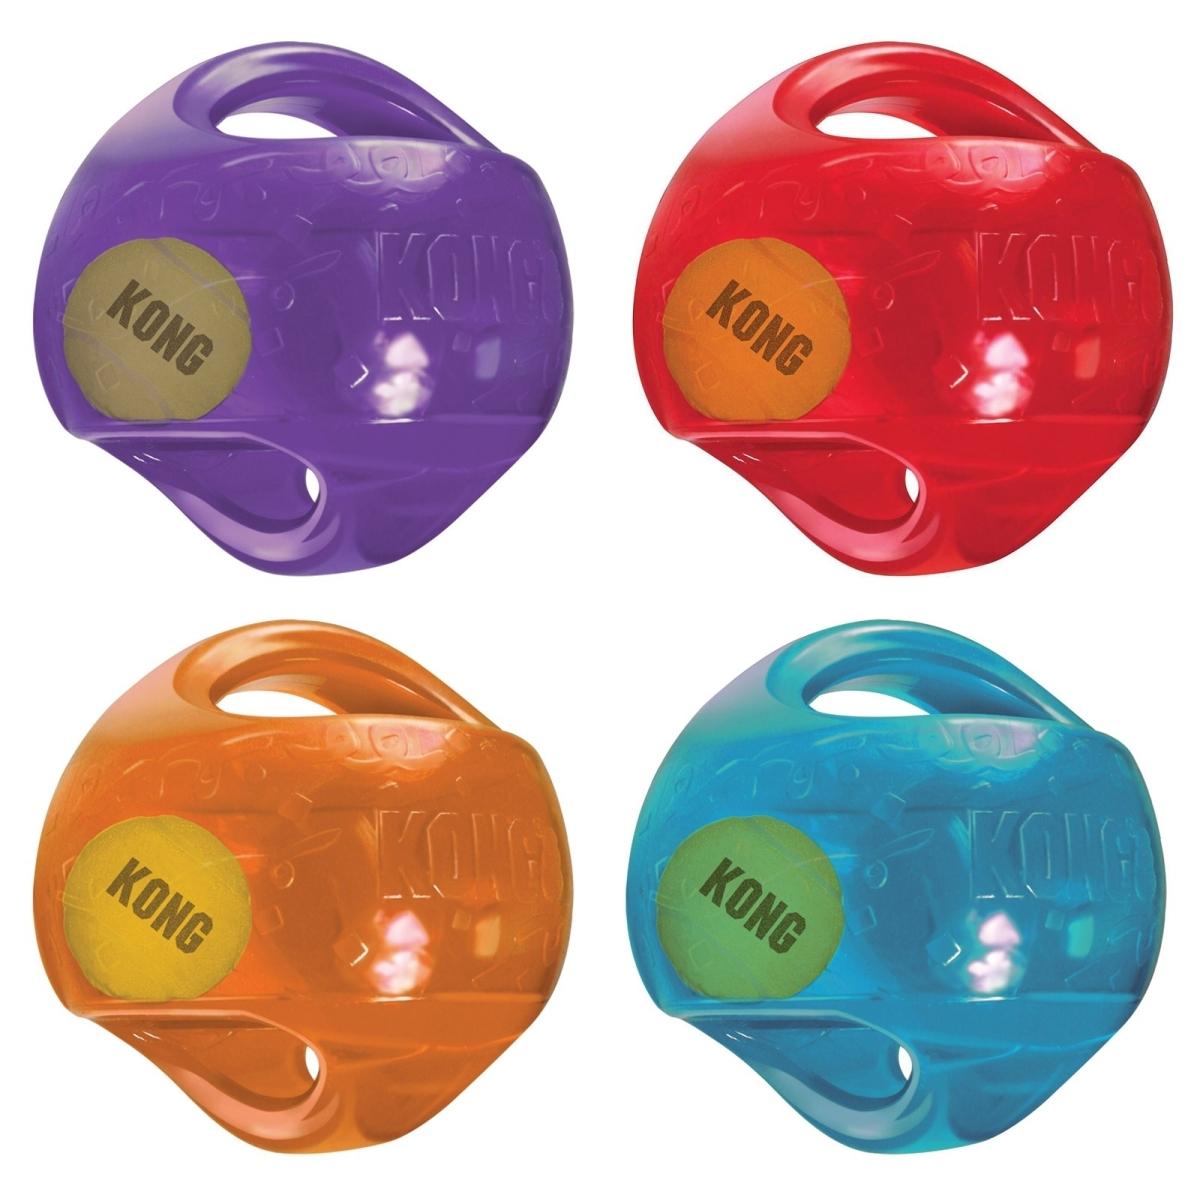 KO JUMBLER BALL L/XL N 00001